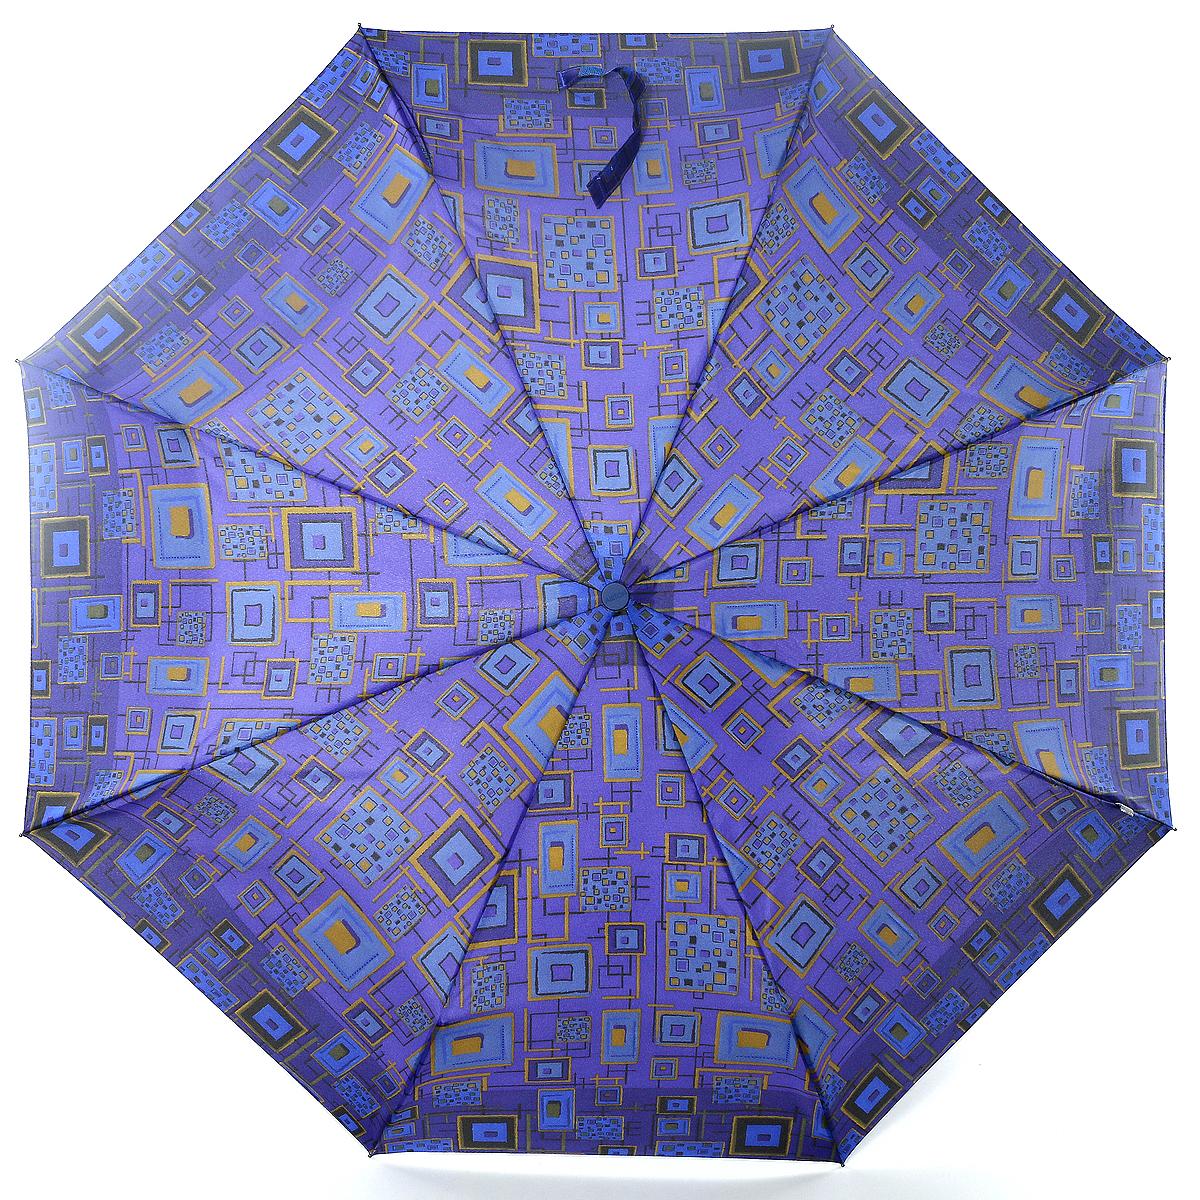 Зонт женский Airton, механика, 3 сложения, цвет: синий, фиолетовый. 3515-082 зонт airton 3515 женский механический